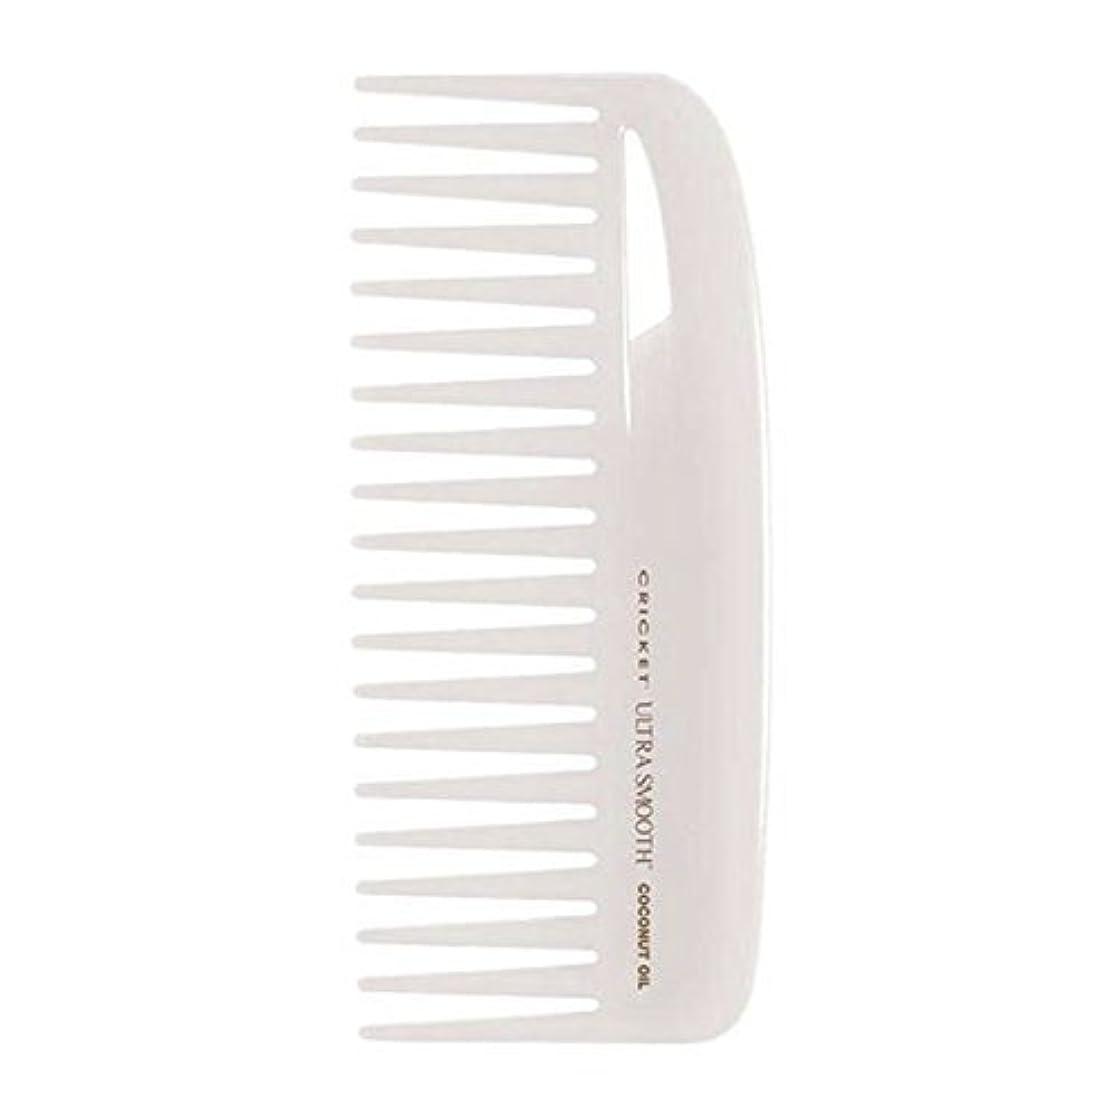 ハーフゴミメジャーCricket Ultra Smooth Coconut Conditioning Comb, 1 Count [並行輸入品]